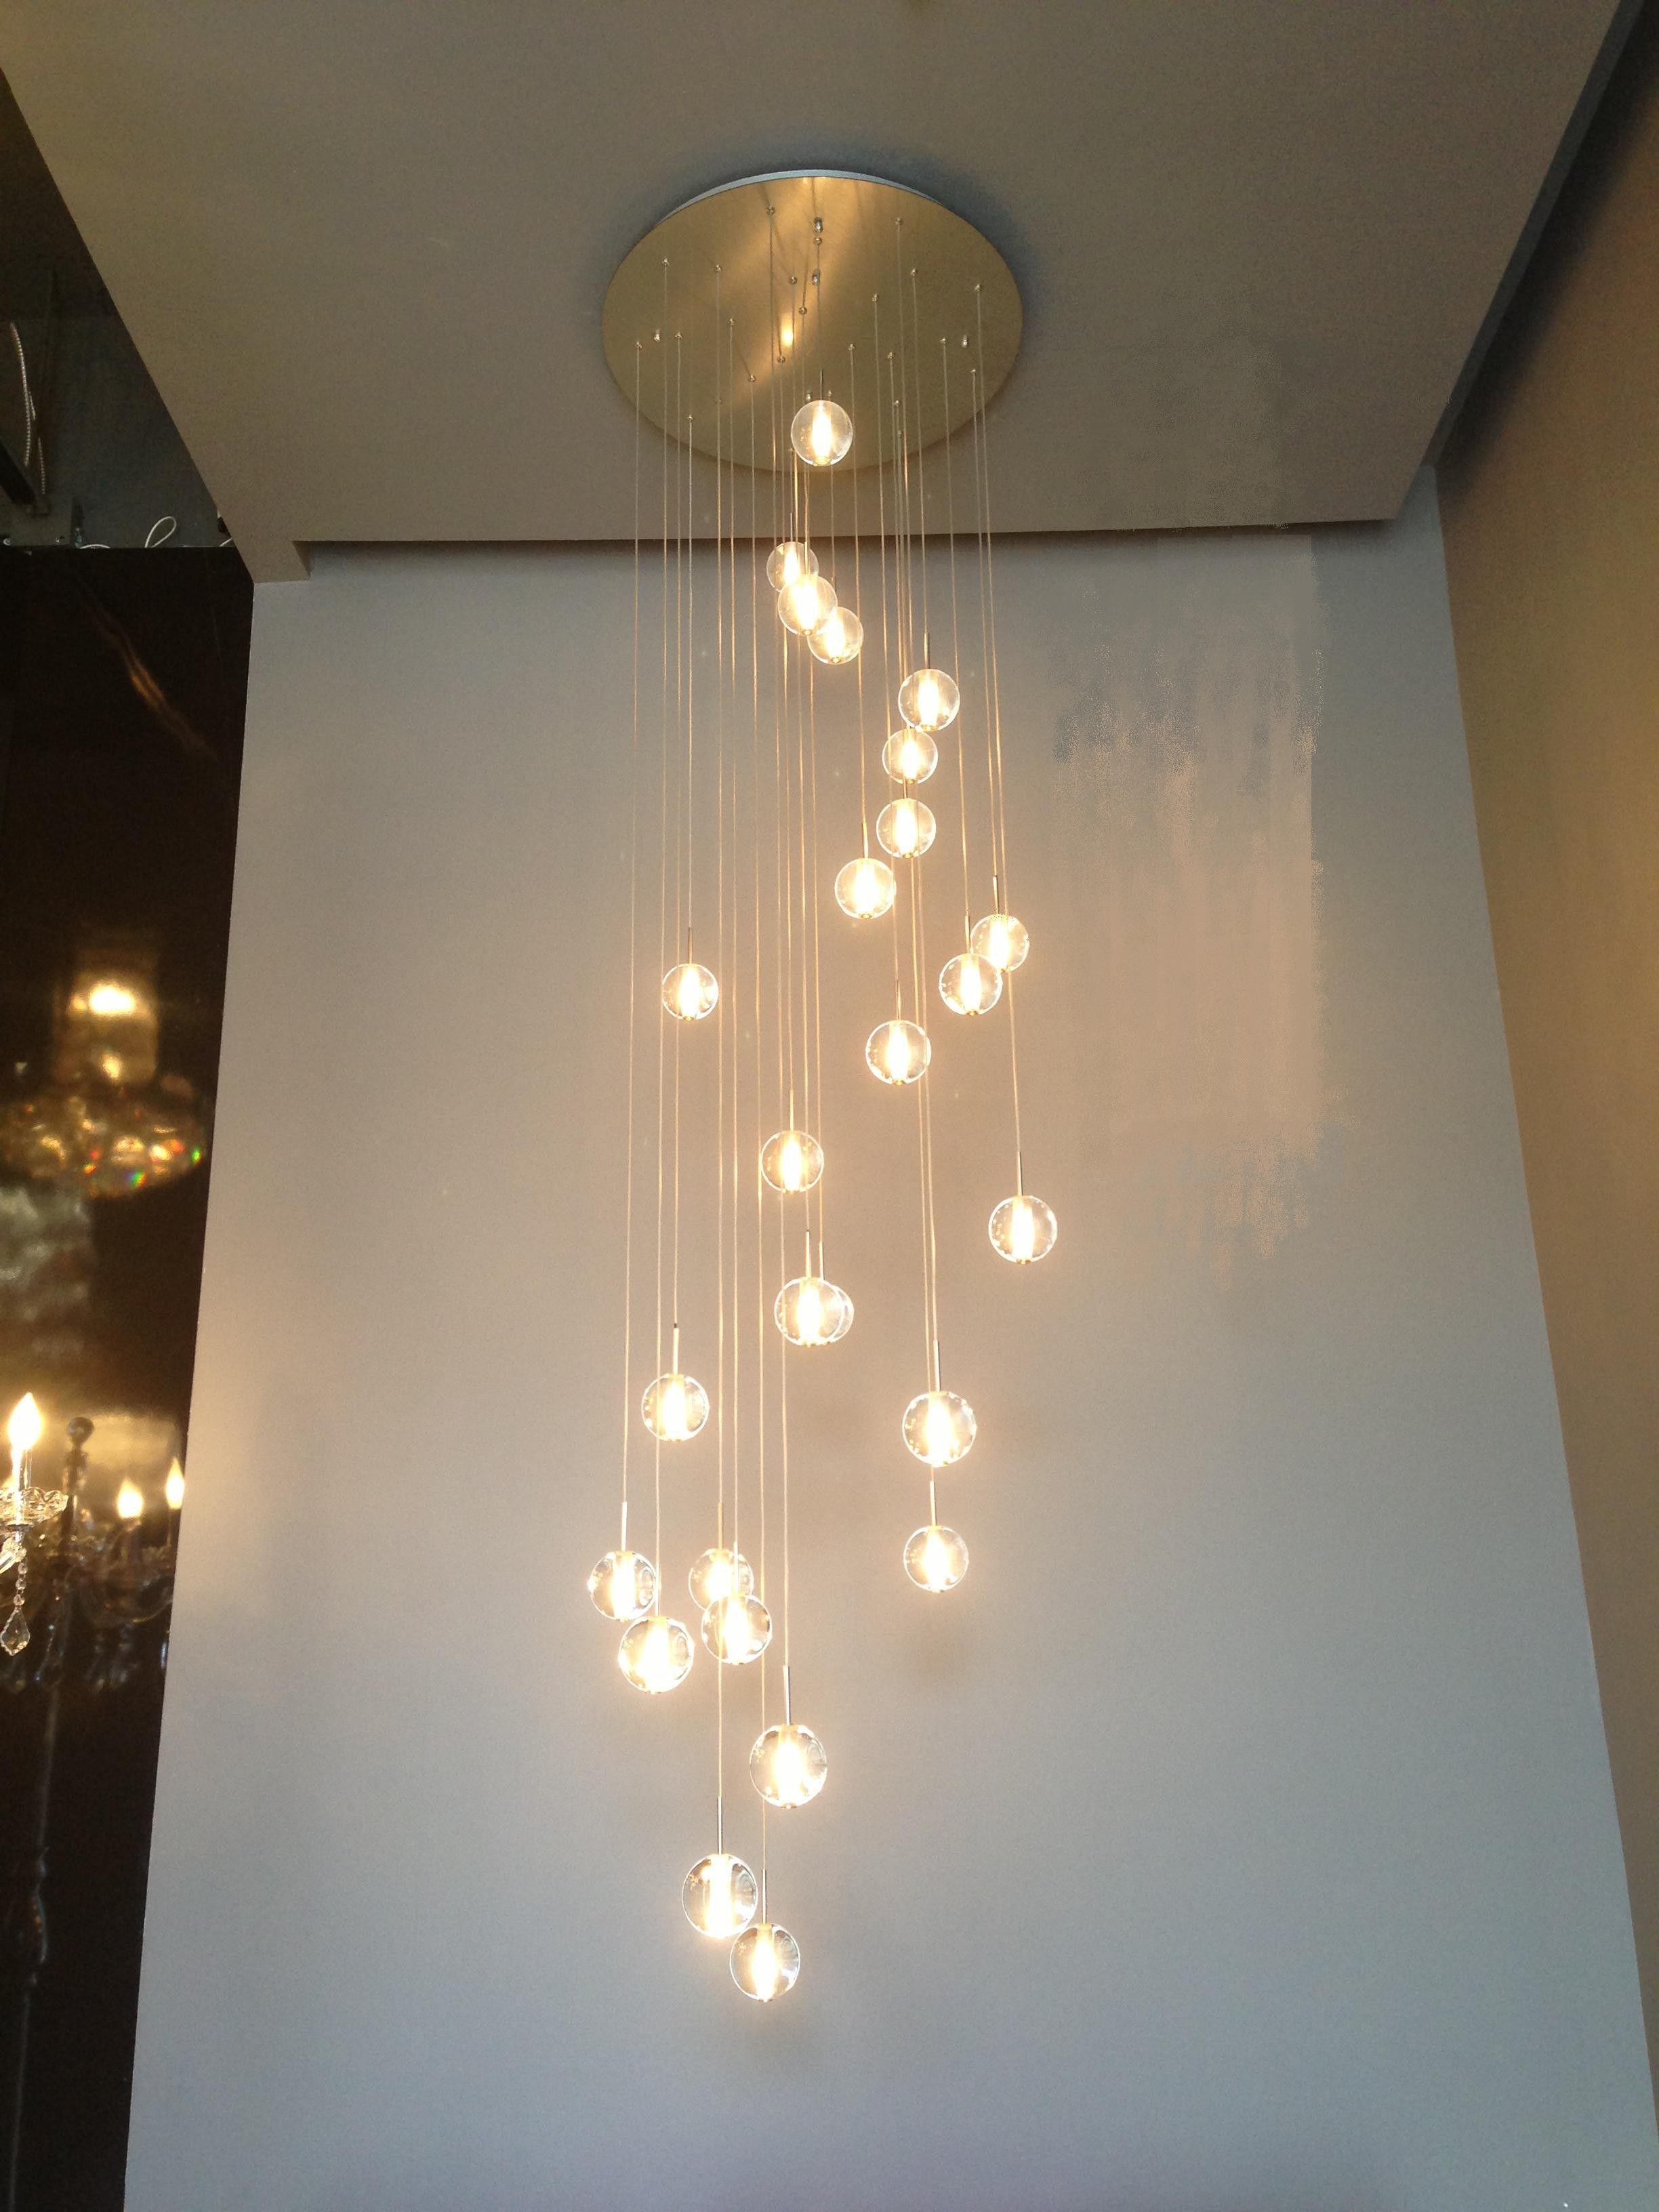 10 Best Of Modern Stairwell Pendant Lighting: Globe Pendant Lighting